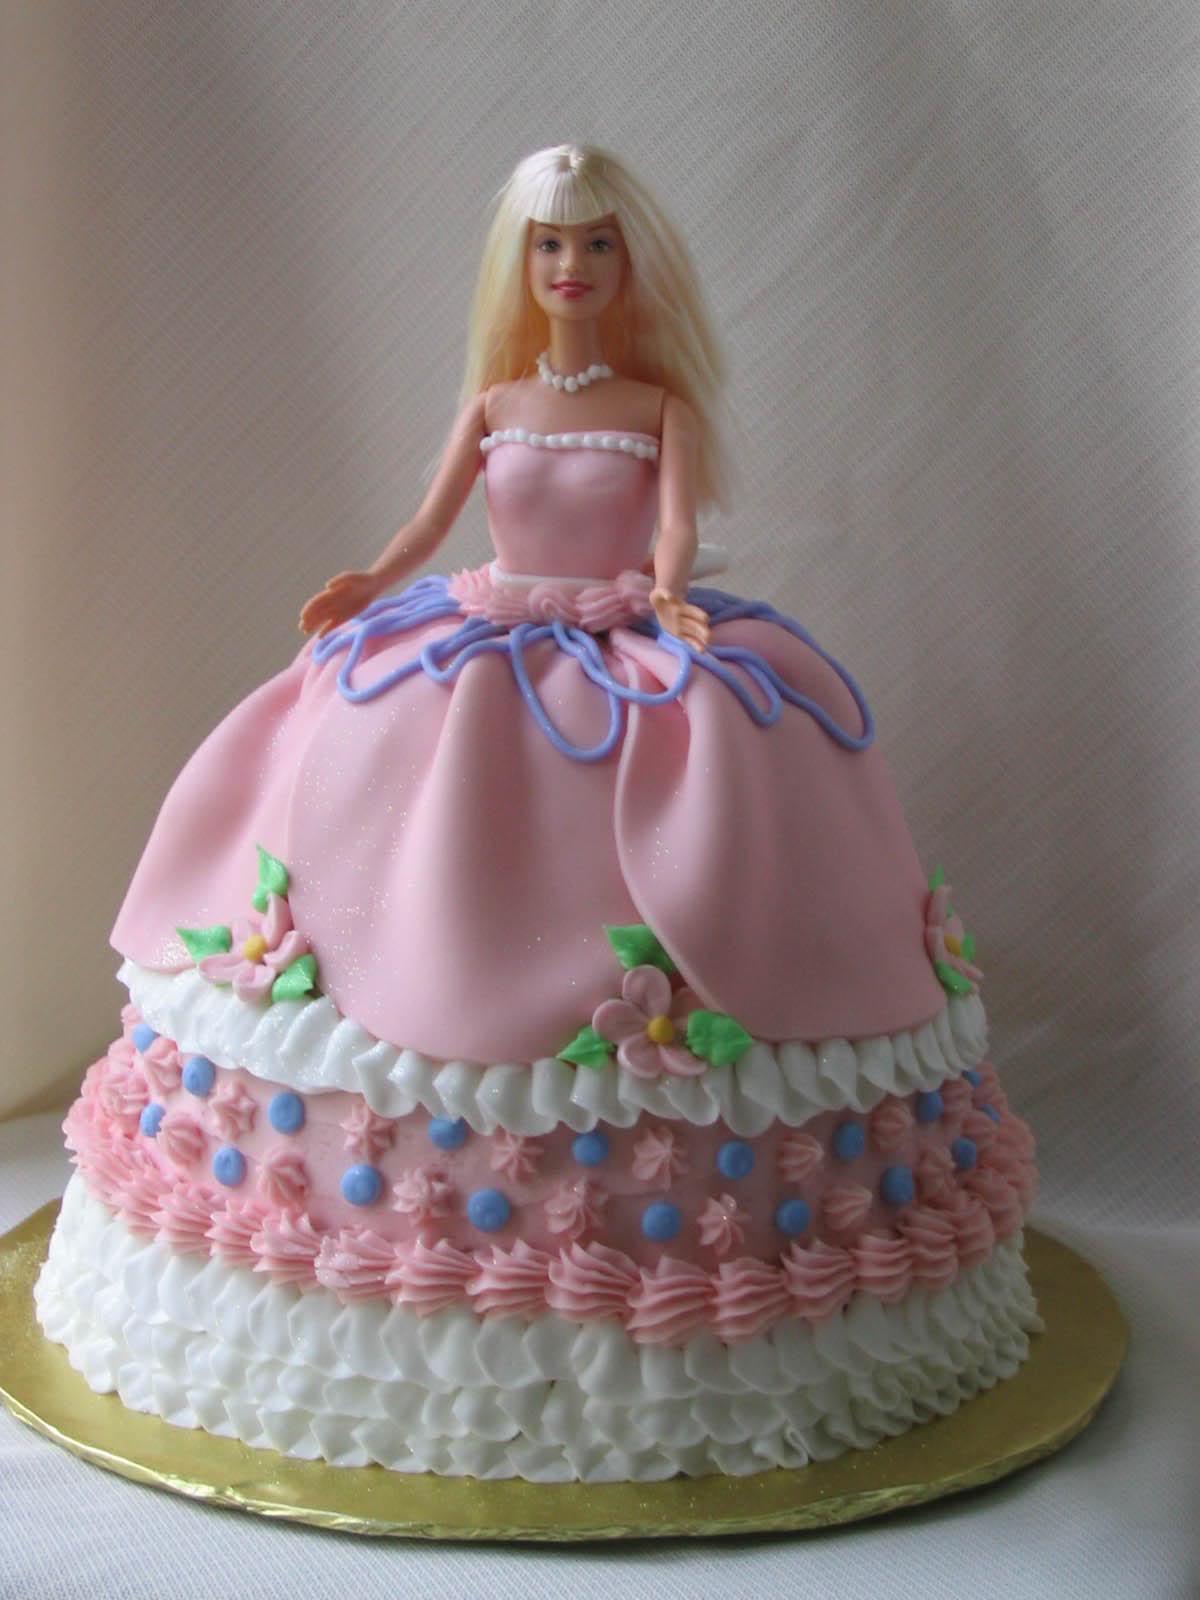 Phenomenal 12 Barbie Birthday Cakes For Girls Photo Barbie Birthday Cake Funny Birthday Cards Online Alyptdamsfinfo